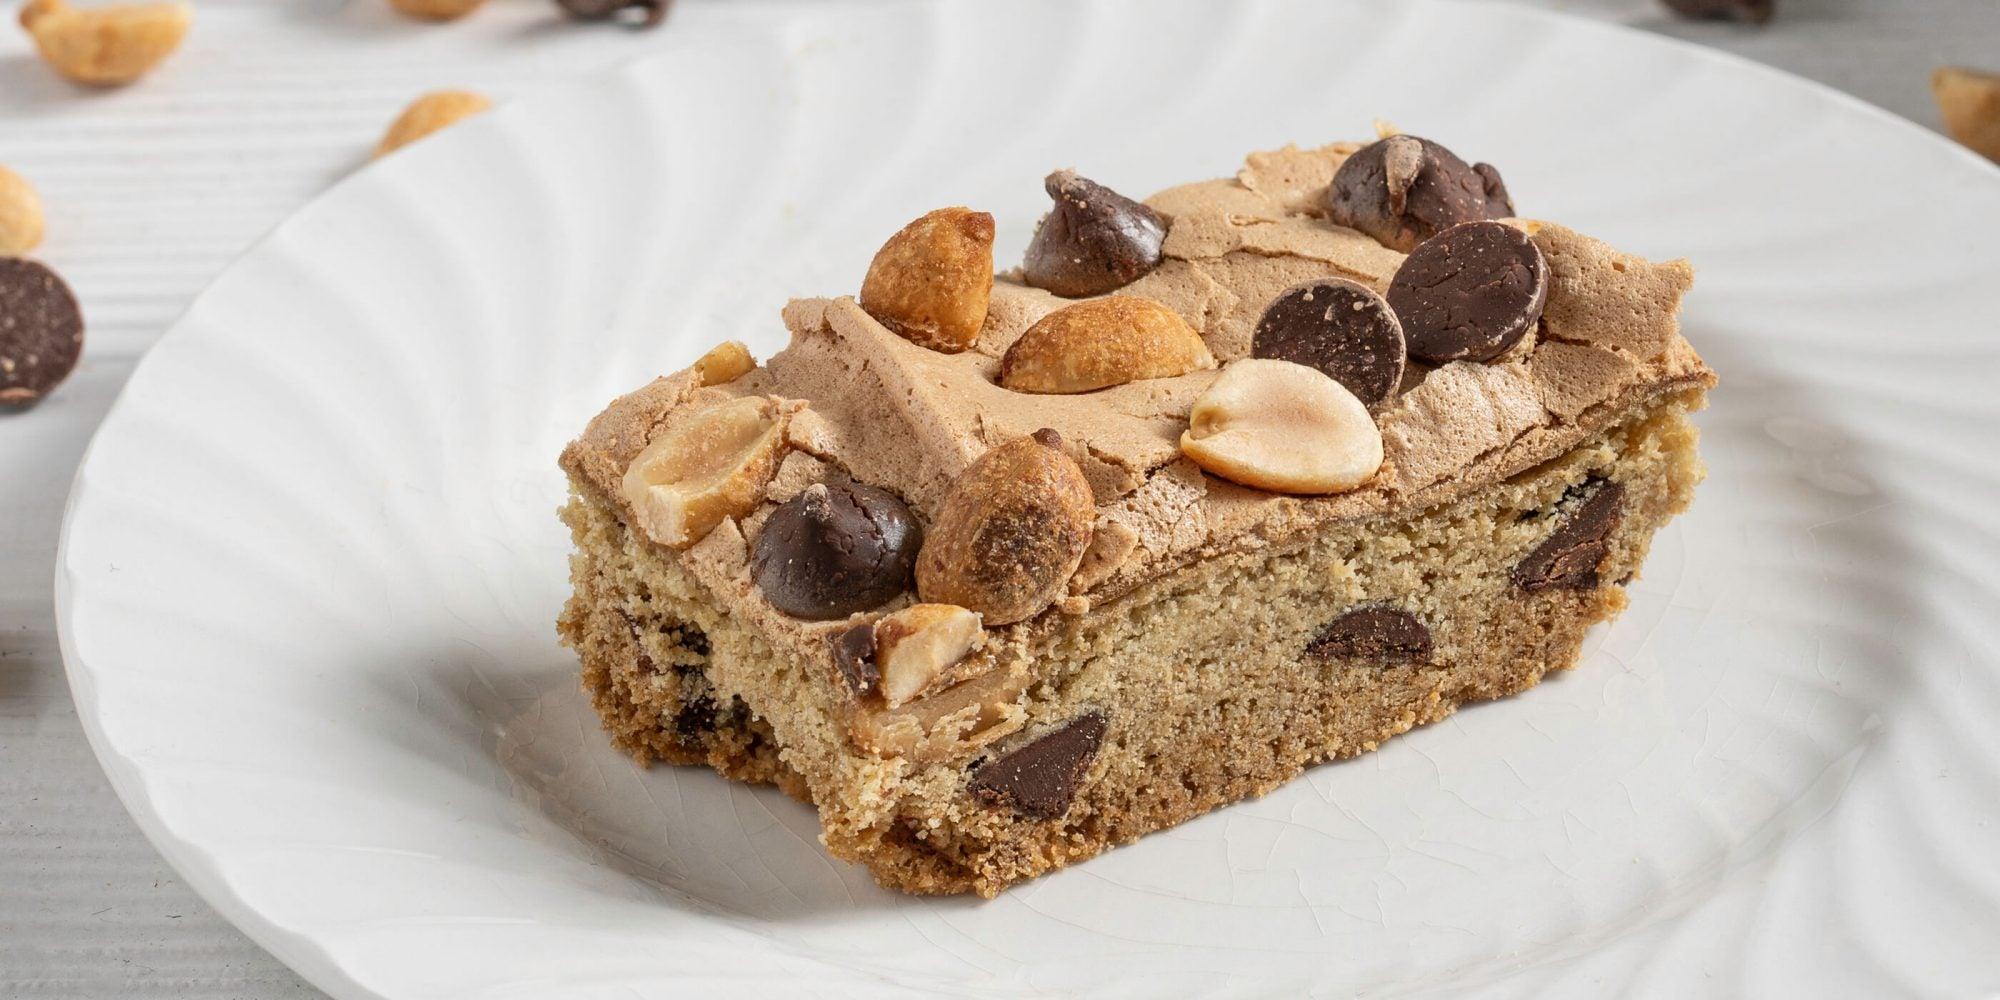 Chocolate-Peanut Meringue Bars